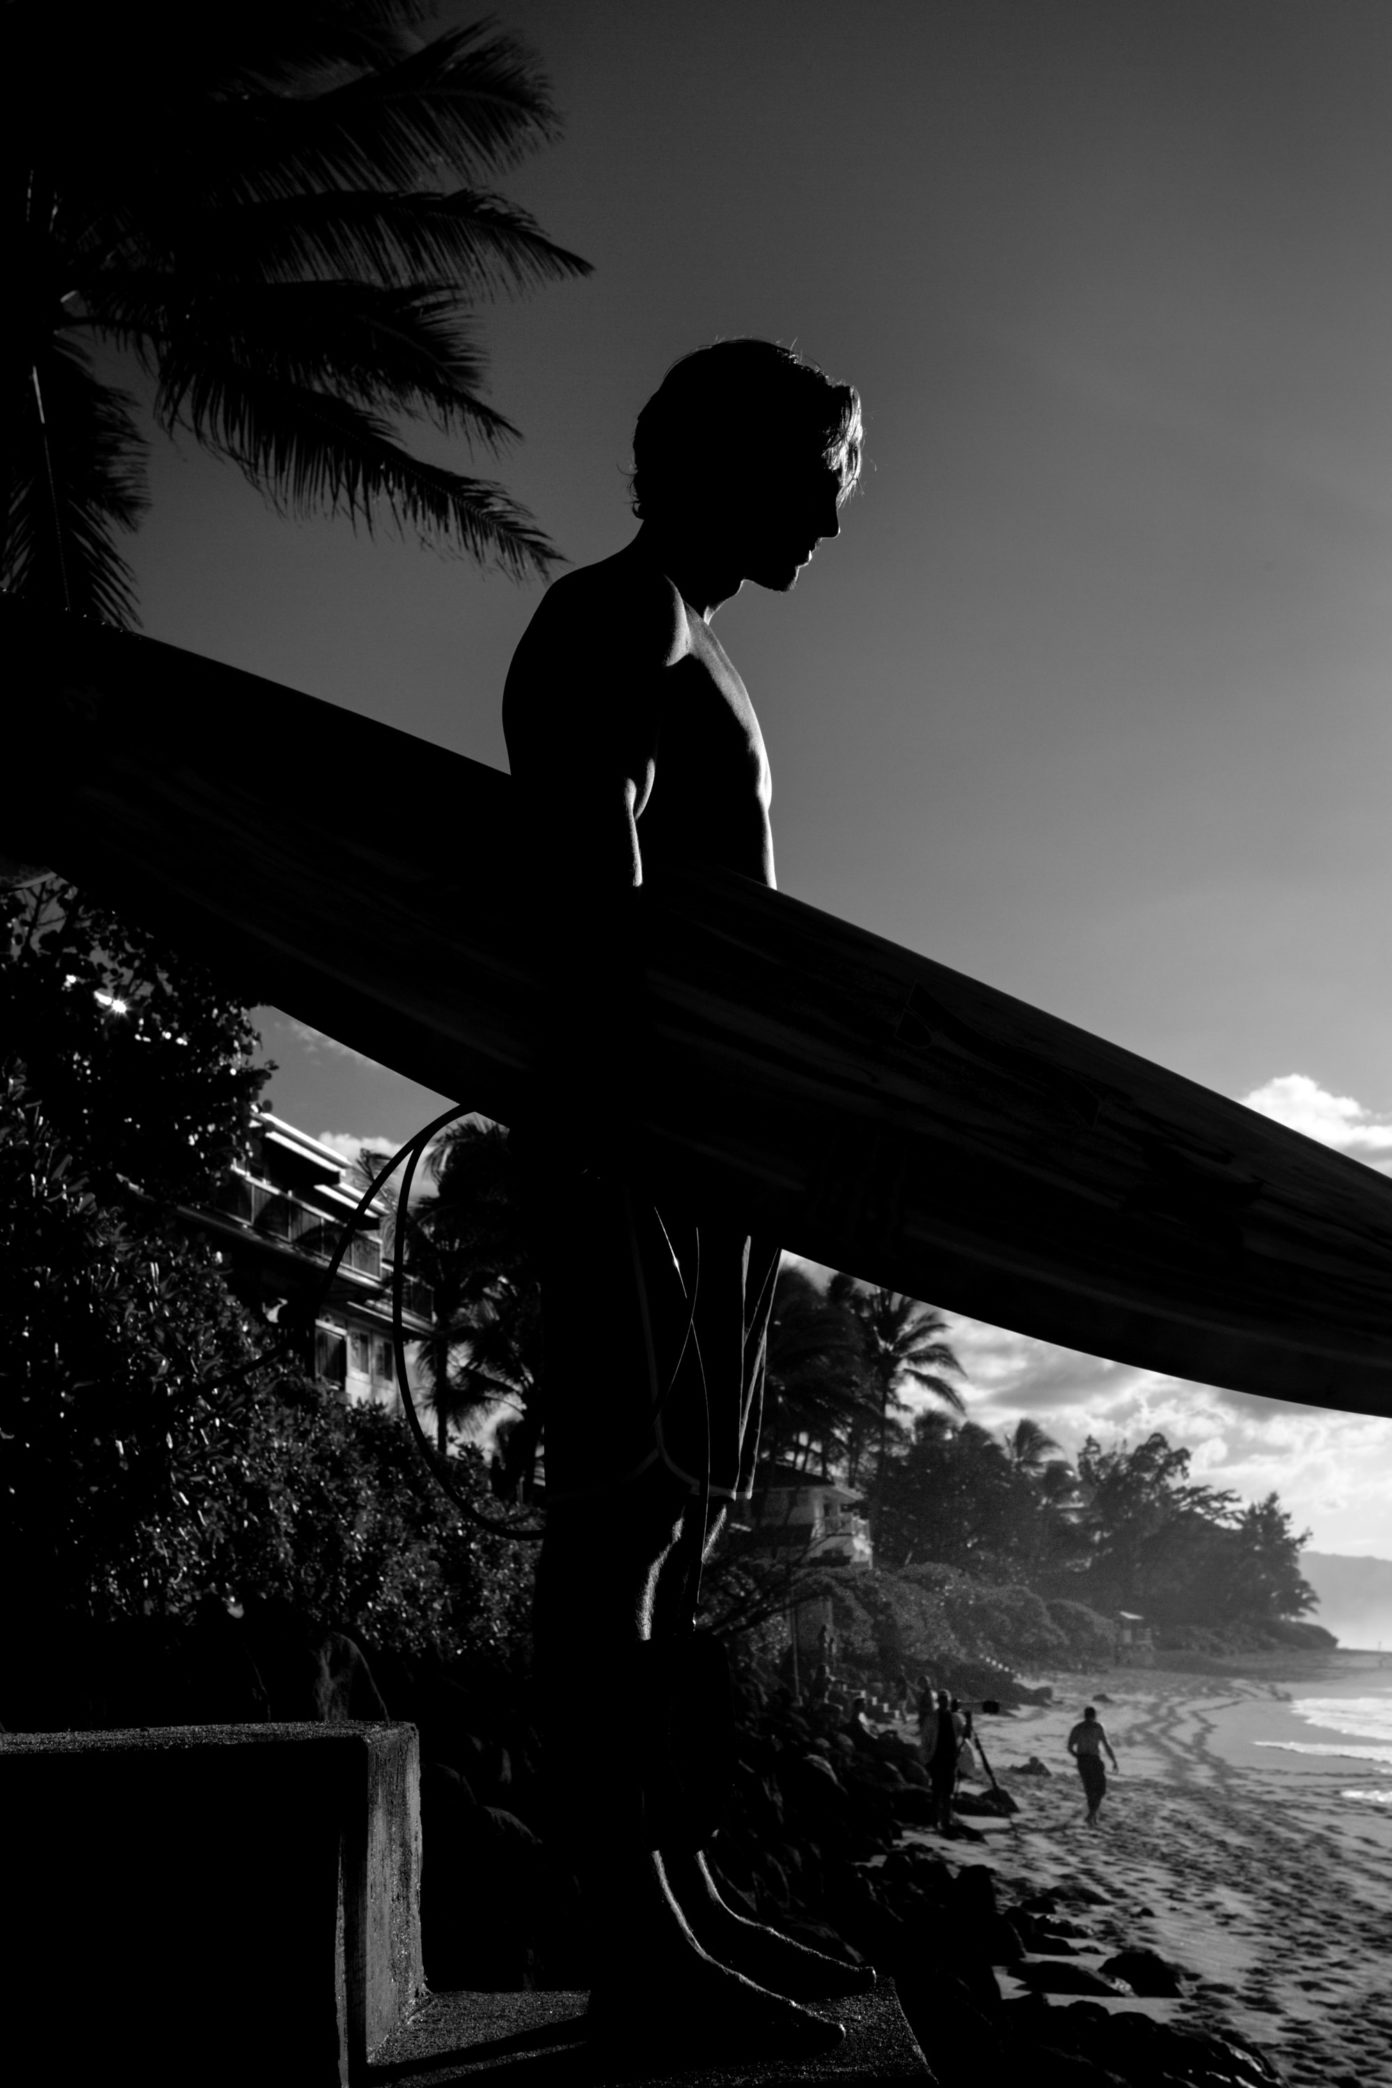 sebastien-zanella-surf-skate-photgraphy-6.jpg